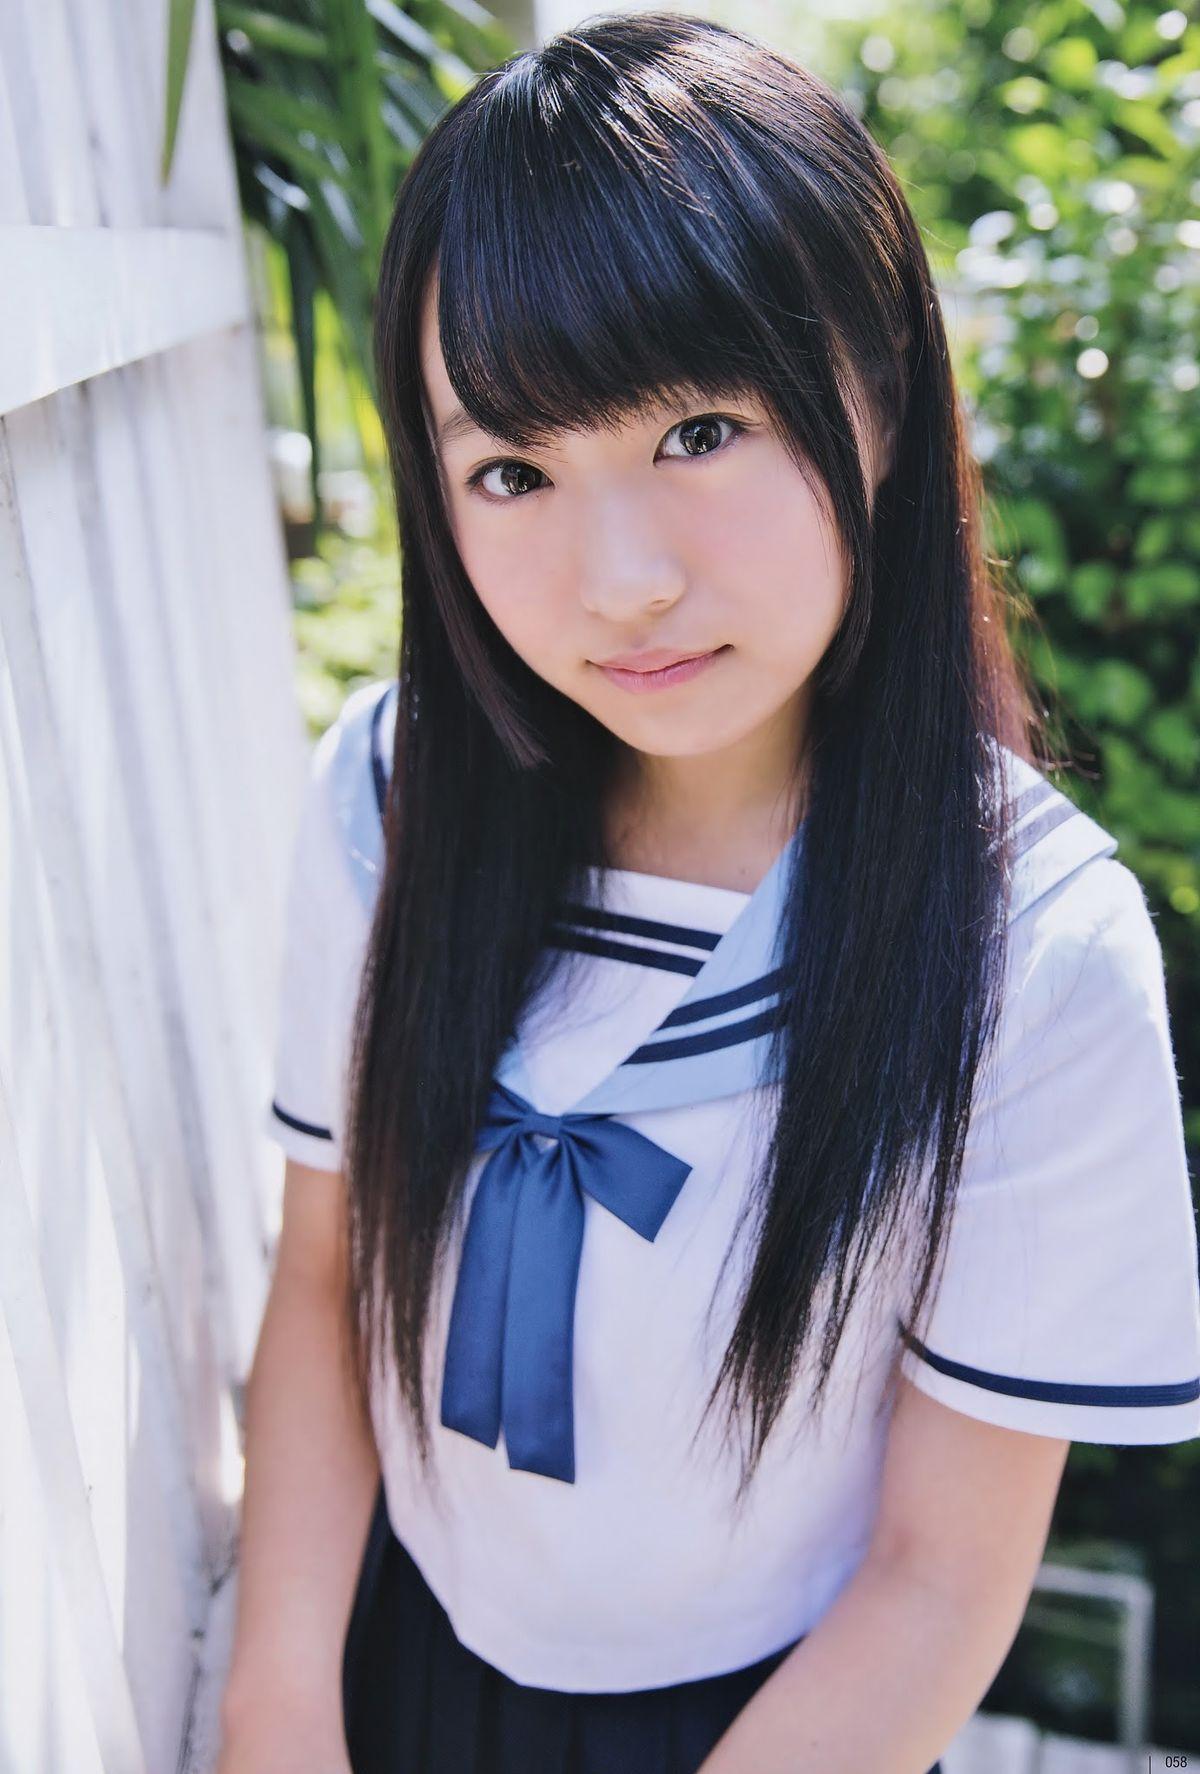 https://i1.wp.com/livedoor.blogimg.jp/idolnaver-333/imgs/c/e/ce0b0178.jpg